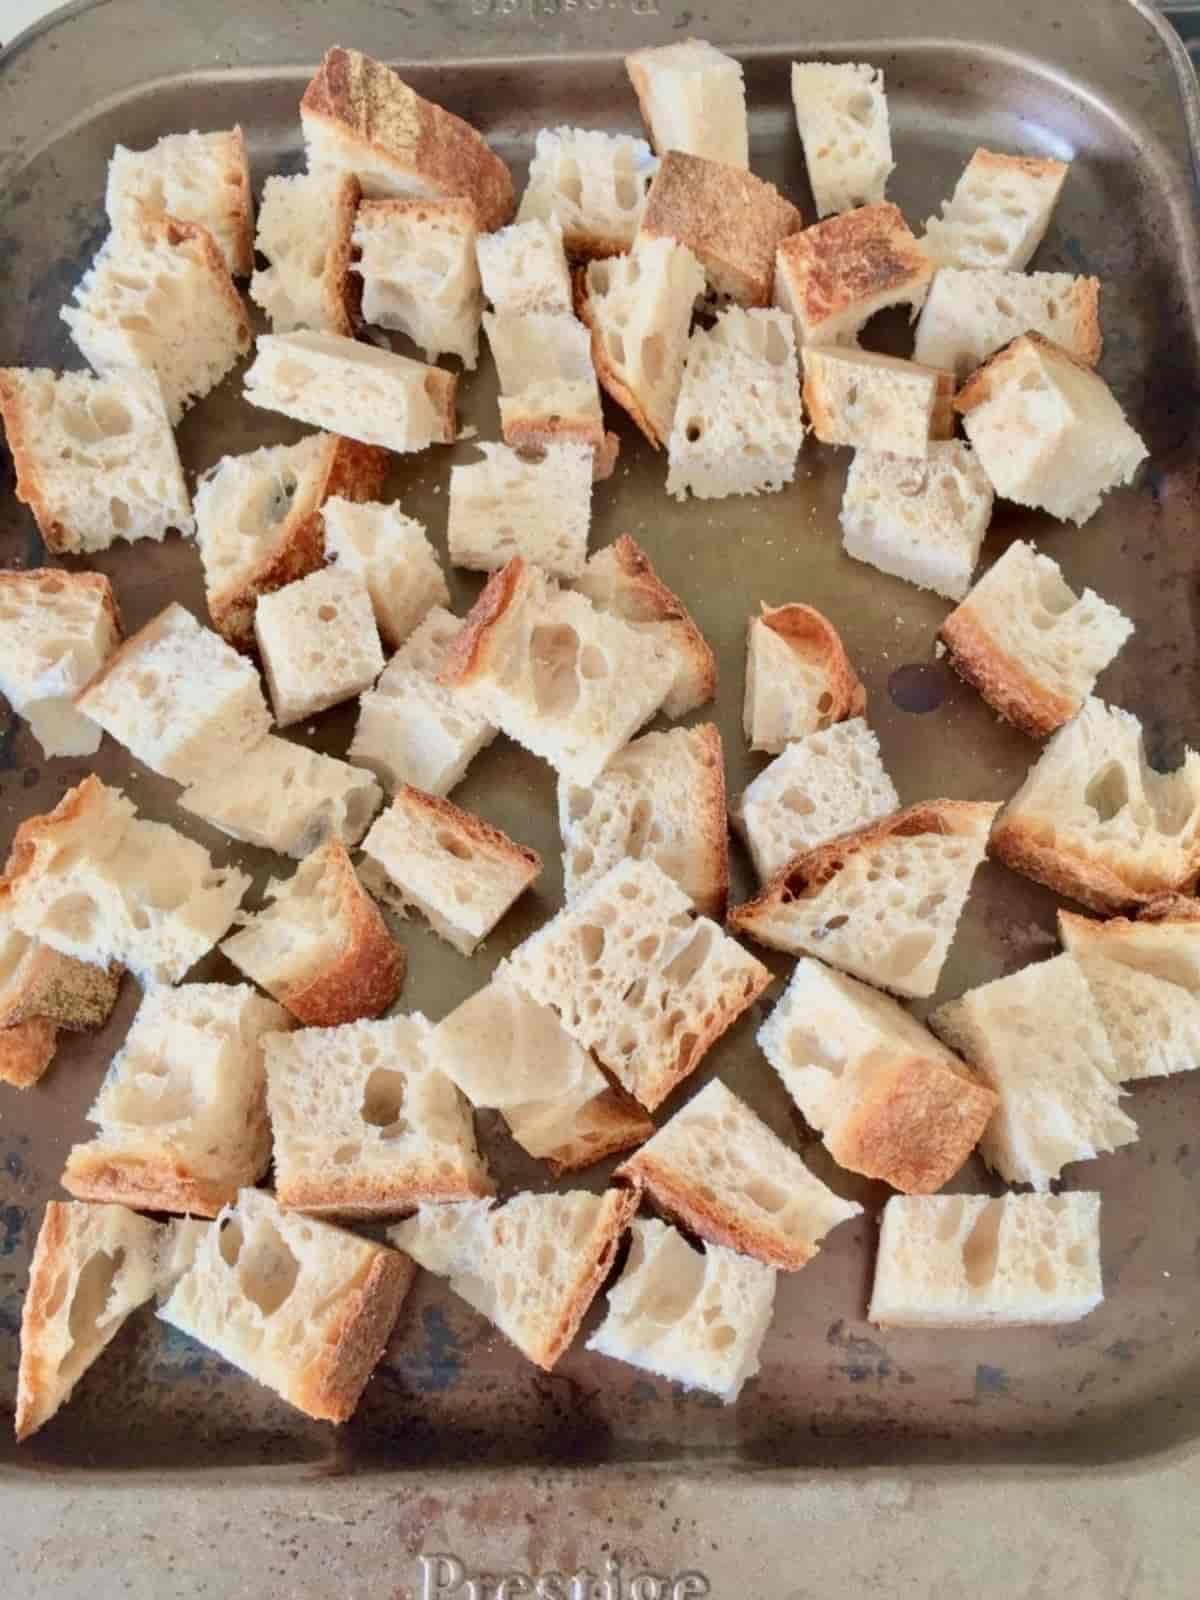 Plain chunks of bread on a baking tray.